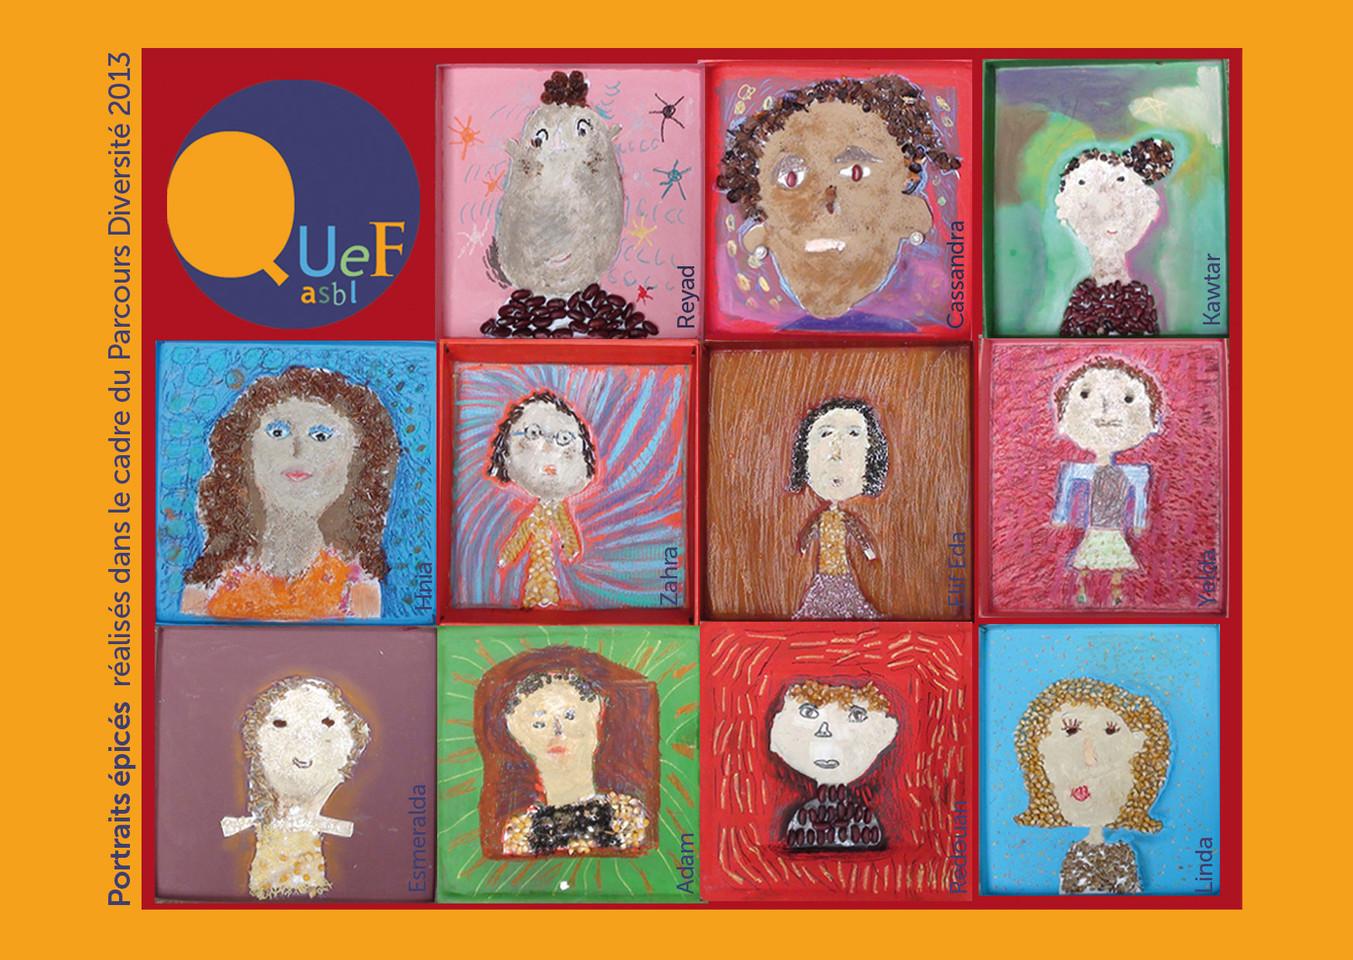 Communication Asbl Quef - mise en page dessins enfants